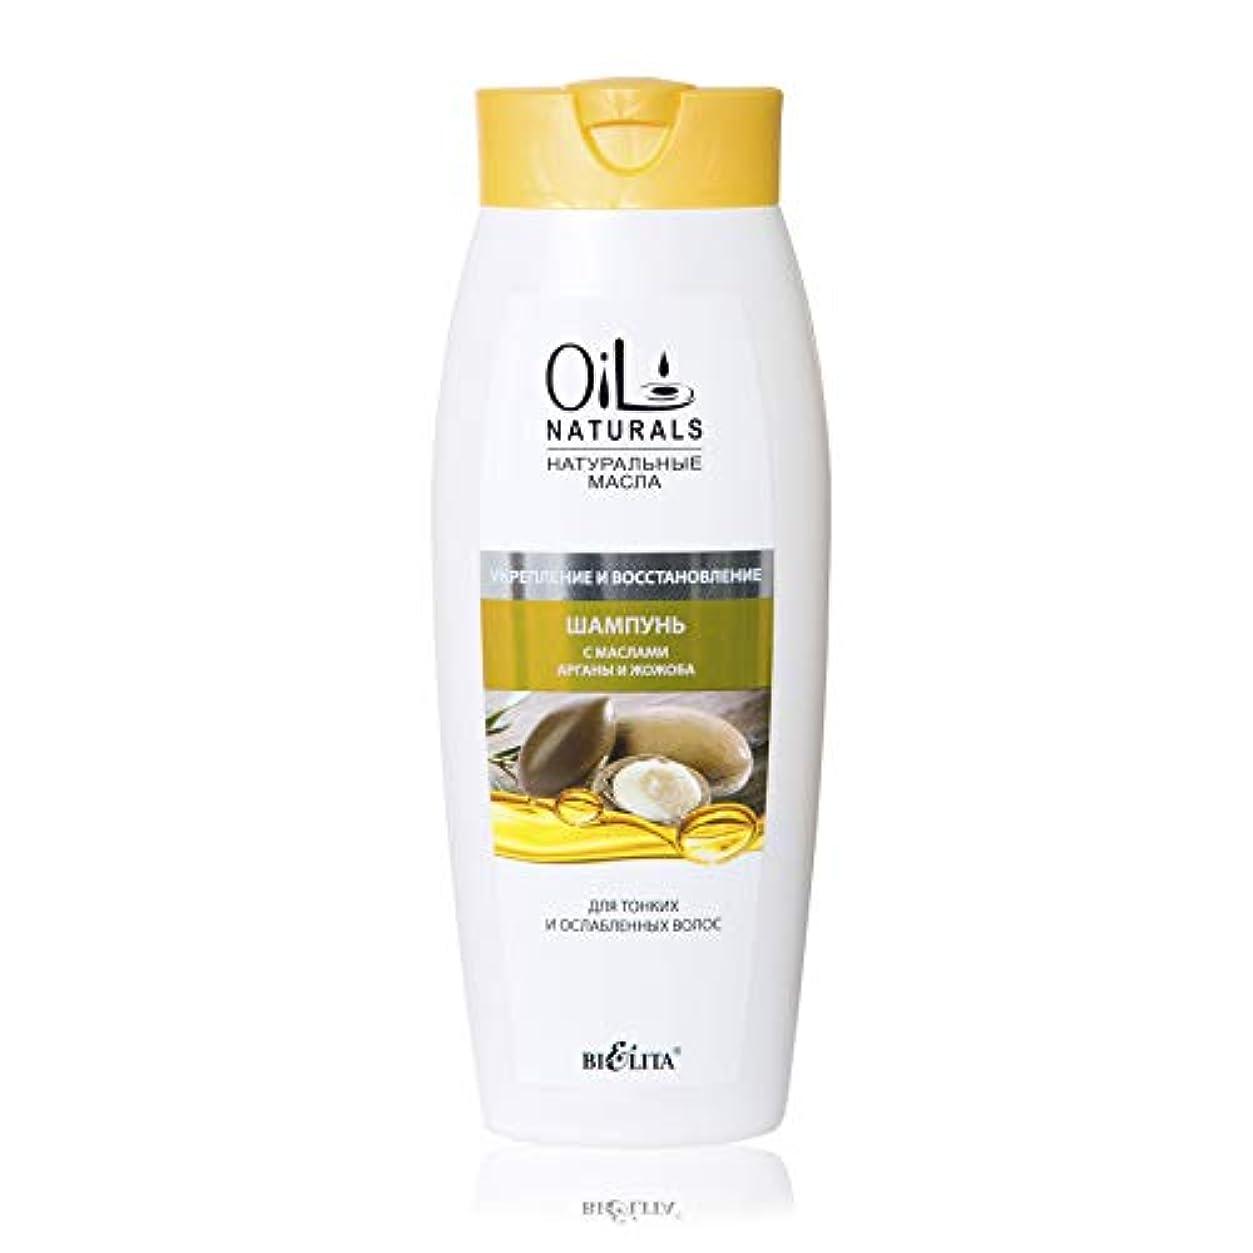 値下げ精算抵当Bielita & Vitex Oil Naturals Line | Strengthening & Restoring Shampoo for Thin Hair, 430 ml | Argan Oil, Silk...